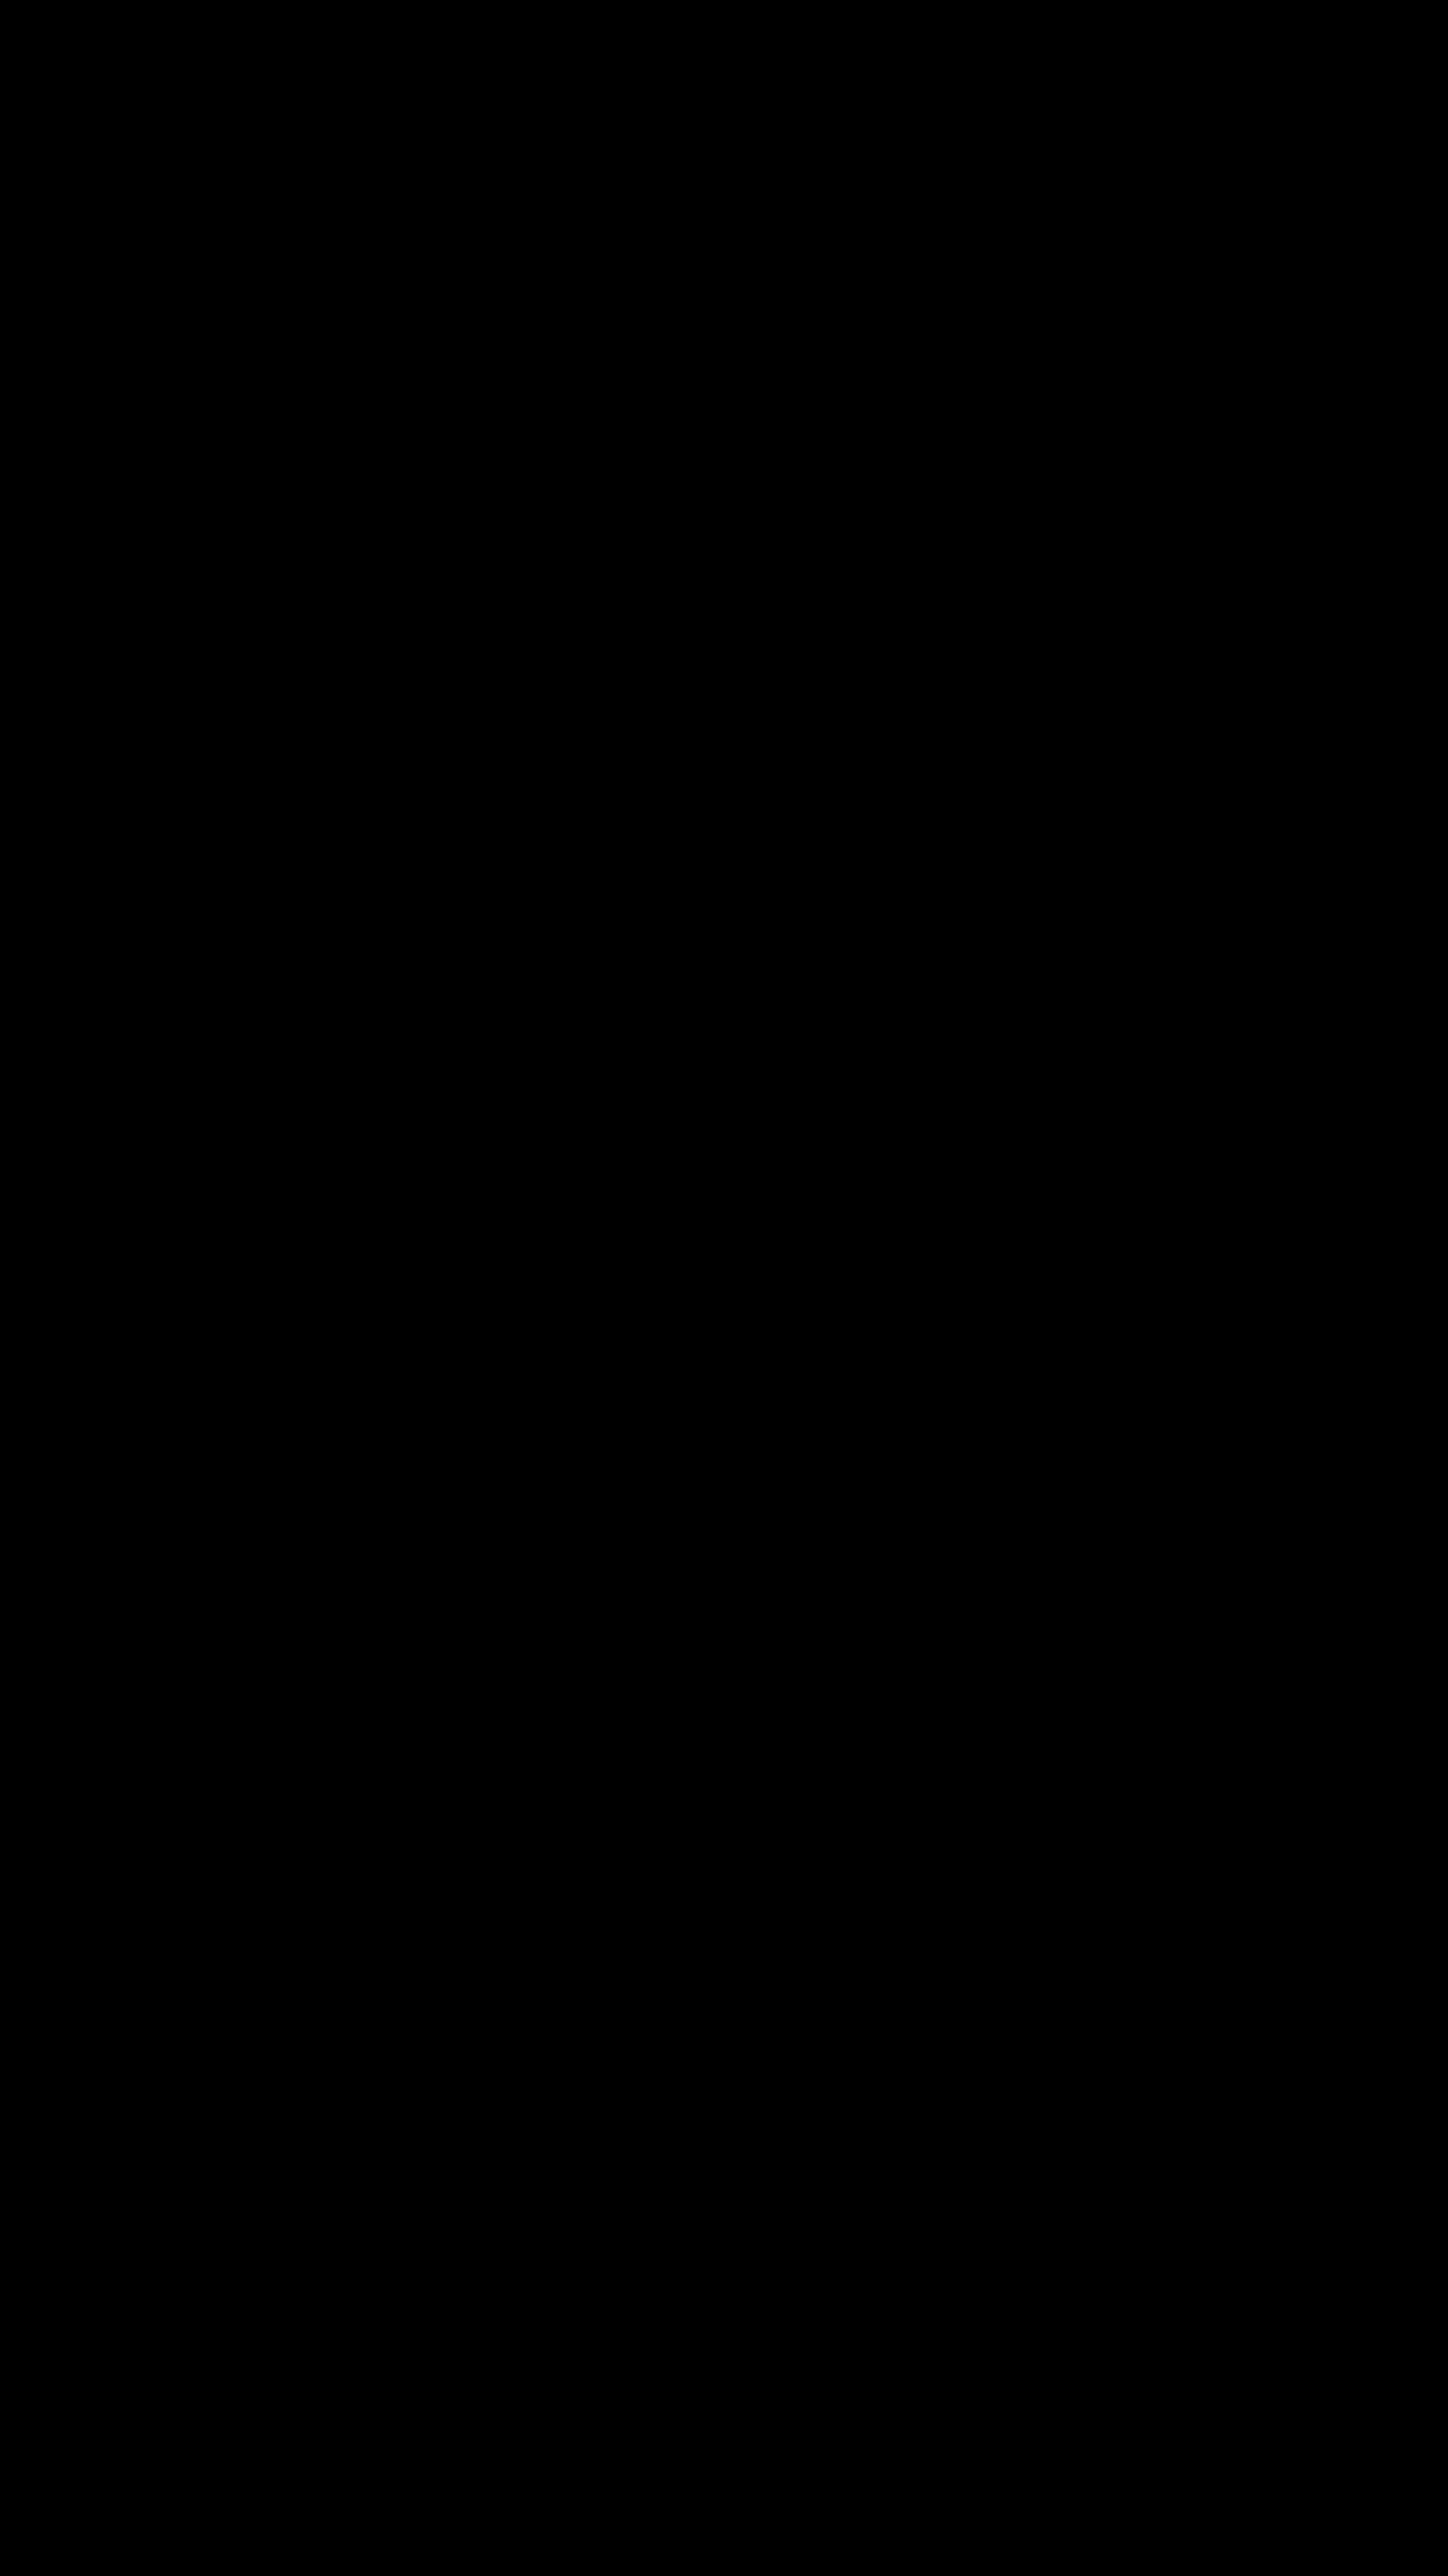 Remembrance - Hillsong | Hillsong United | Hillsong lyrics